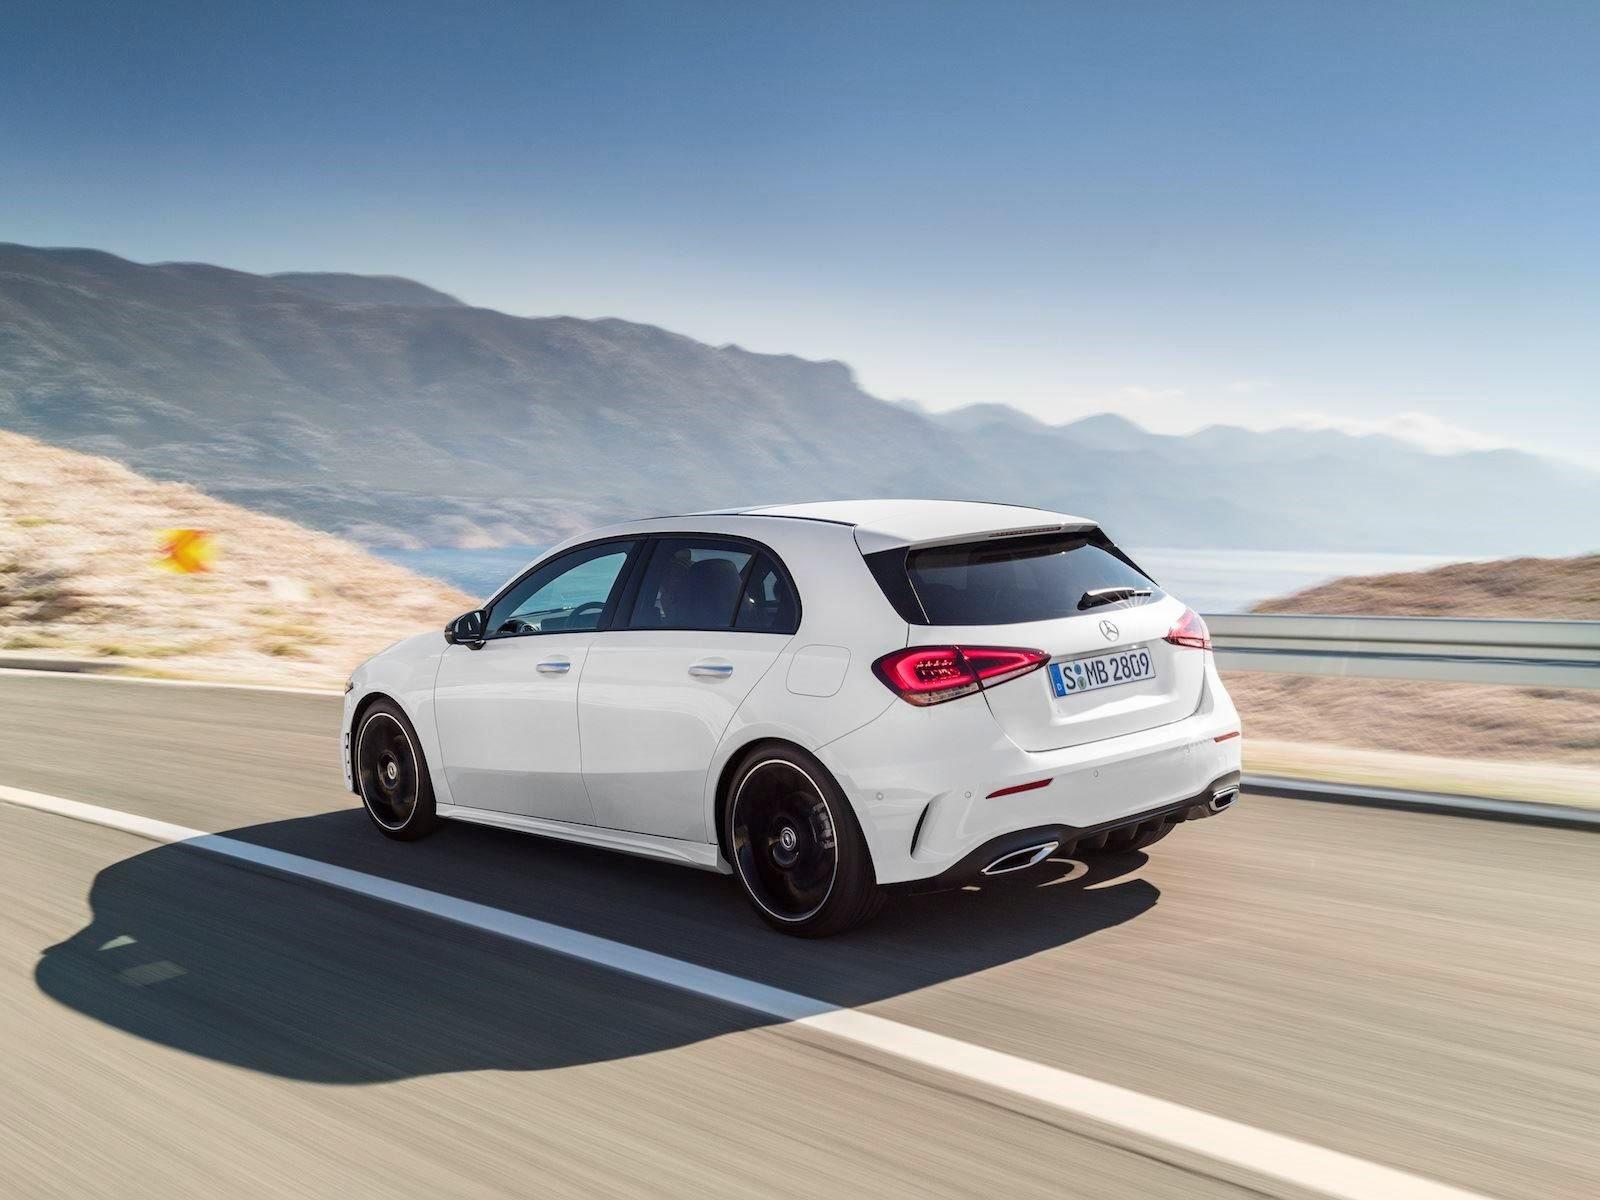 В частности, Mercedes продемонстрирует версию с более длинной колесной базой, которая строится исключительно для Китая, но она все равно должна дать нам представление о том, как будет выглядеть седан для США. Основываясь на версии хэтчбек, у нас уже